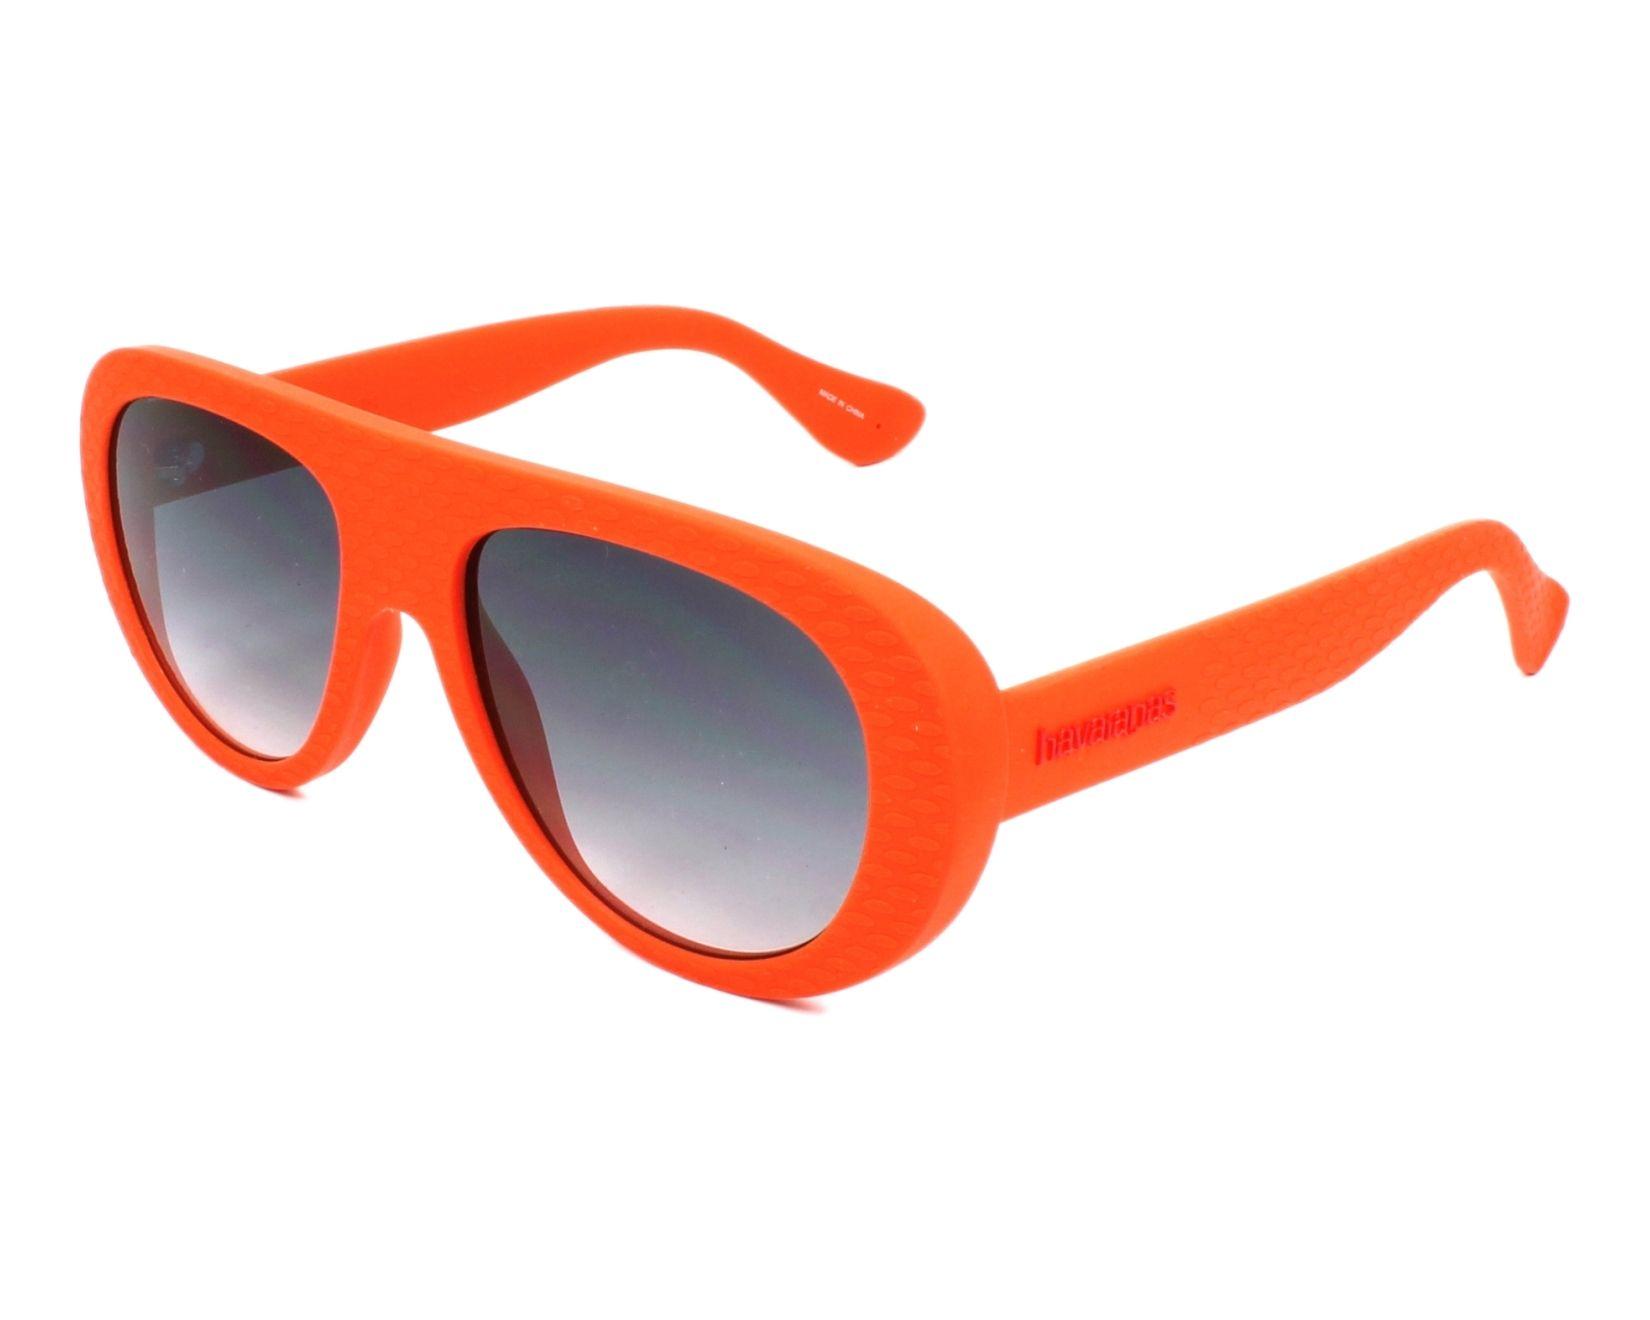 Havaianas Sonnenbrille » RIO/M«, blau, QMB/LS - blau/grau